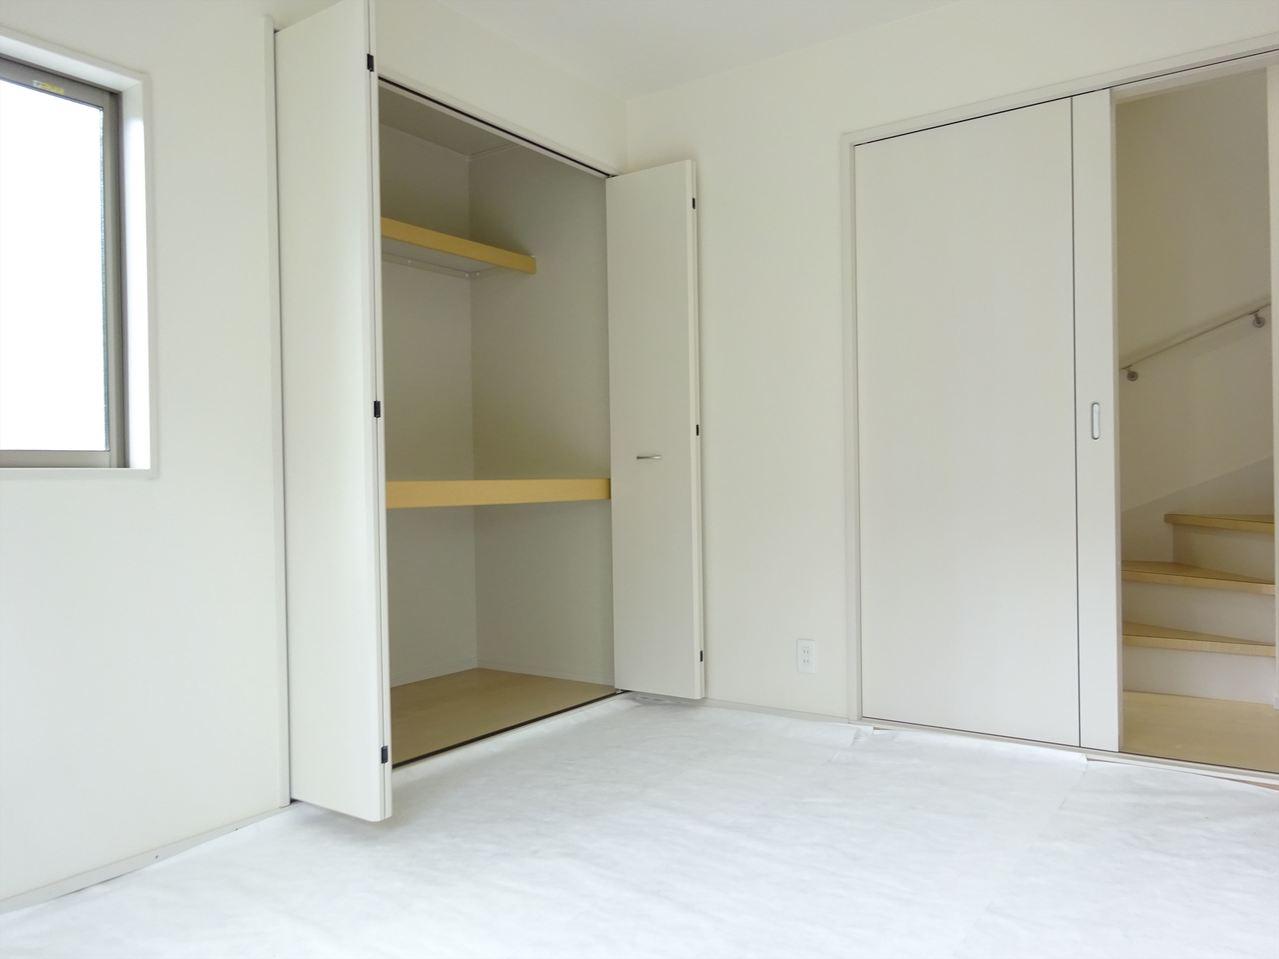 和室、丁度良い広さでごろごろくつろげる空間。